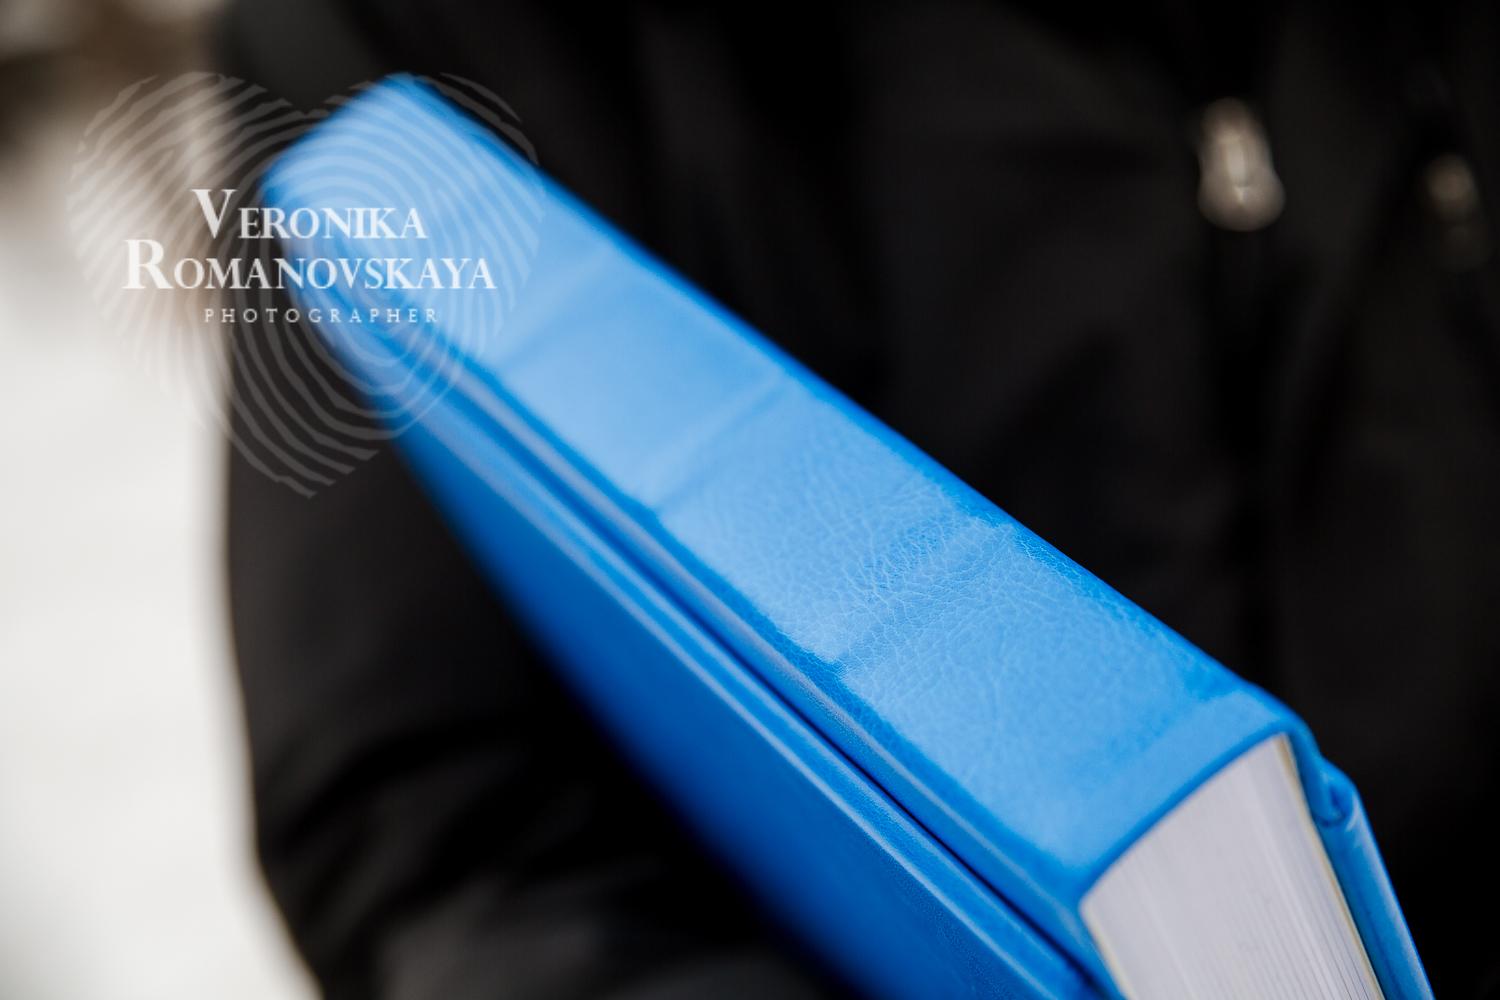 Премиум фото книга, Семейная фотокнига в кожаной обложке, дизайн печать семейных фотокниг, эксклюзивная фото книга Киев